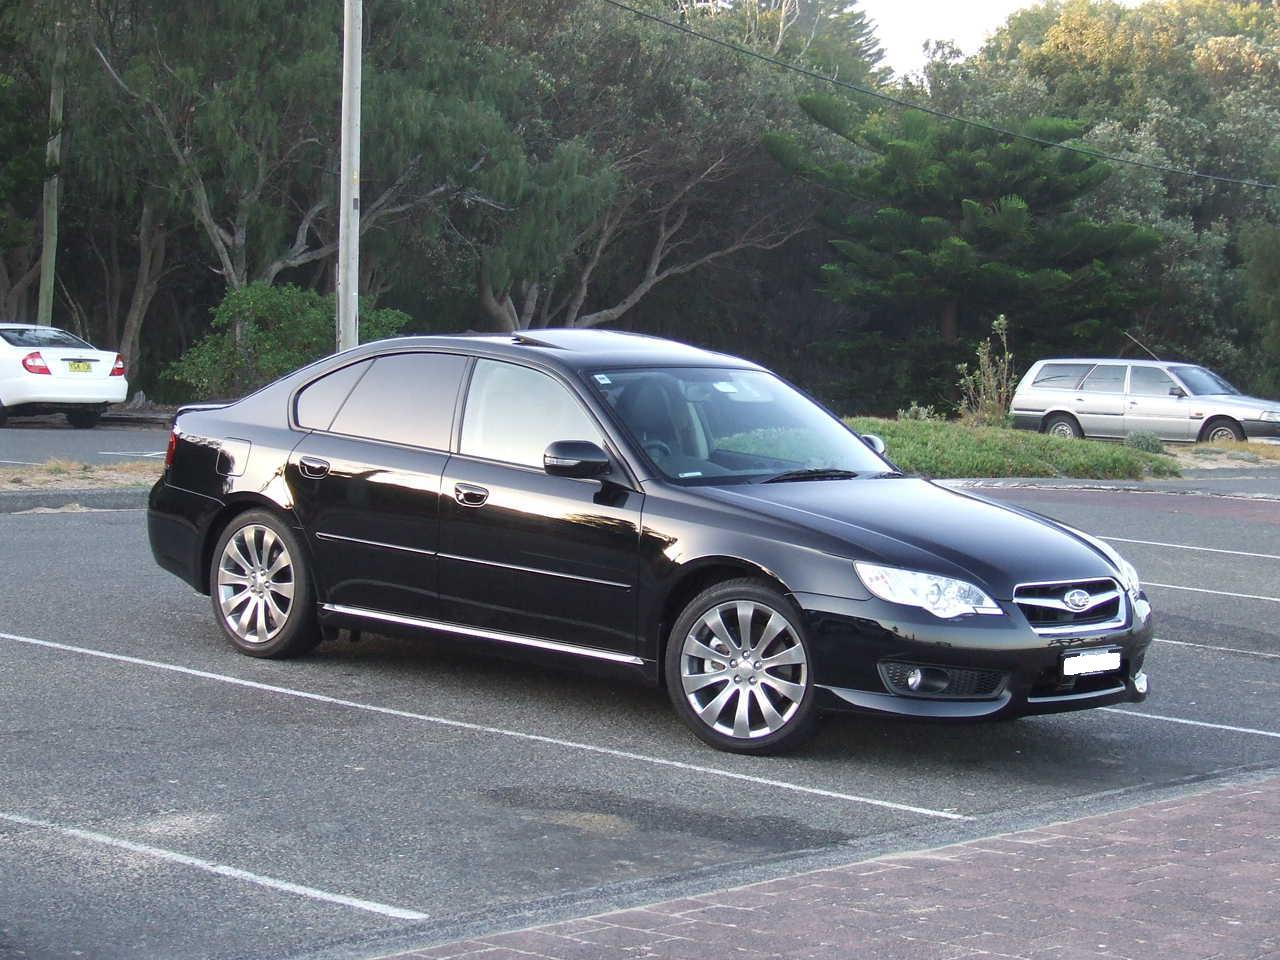 Subaru liberty 3.0r